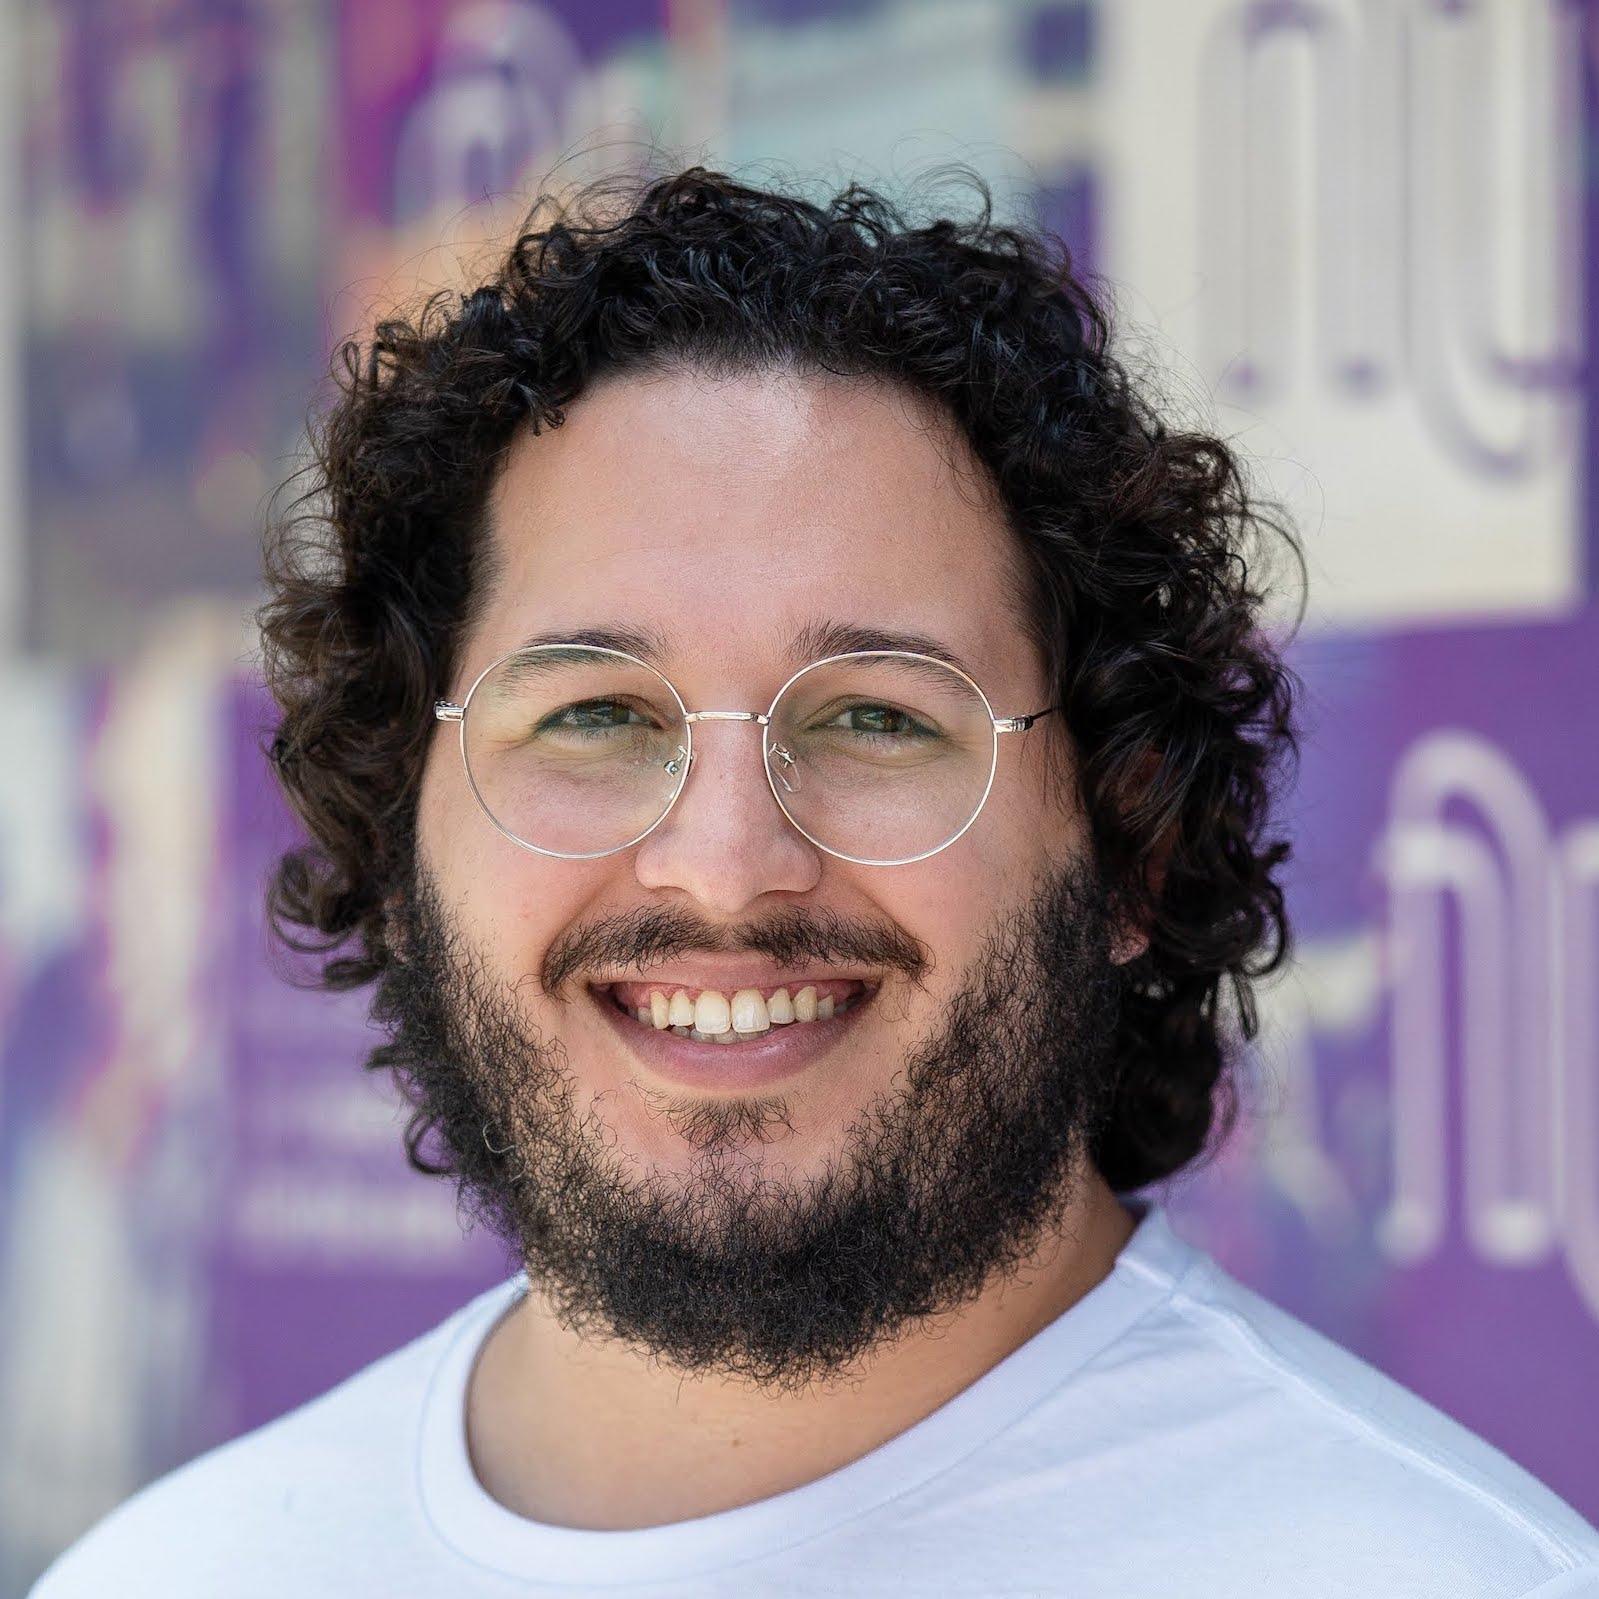 Alexandre Cisneiros